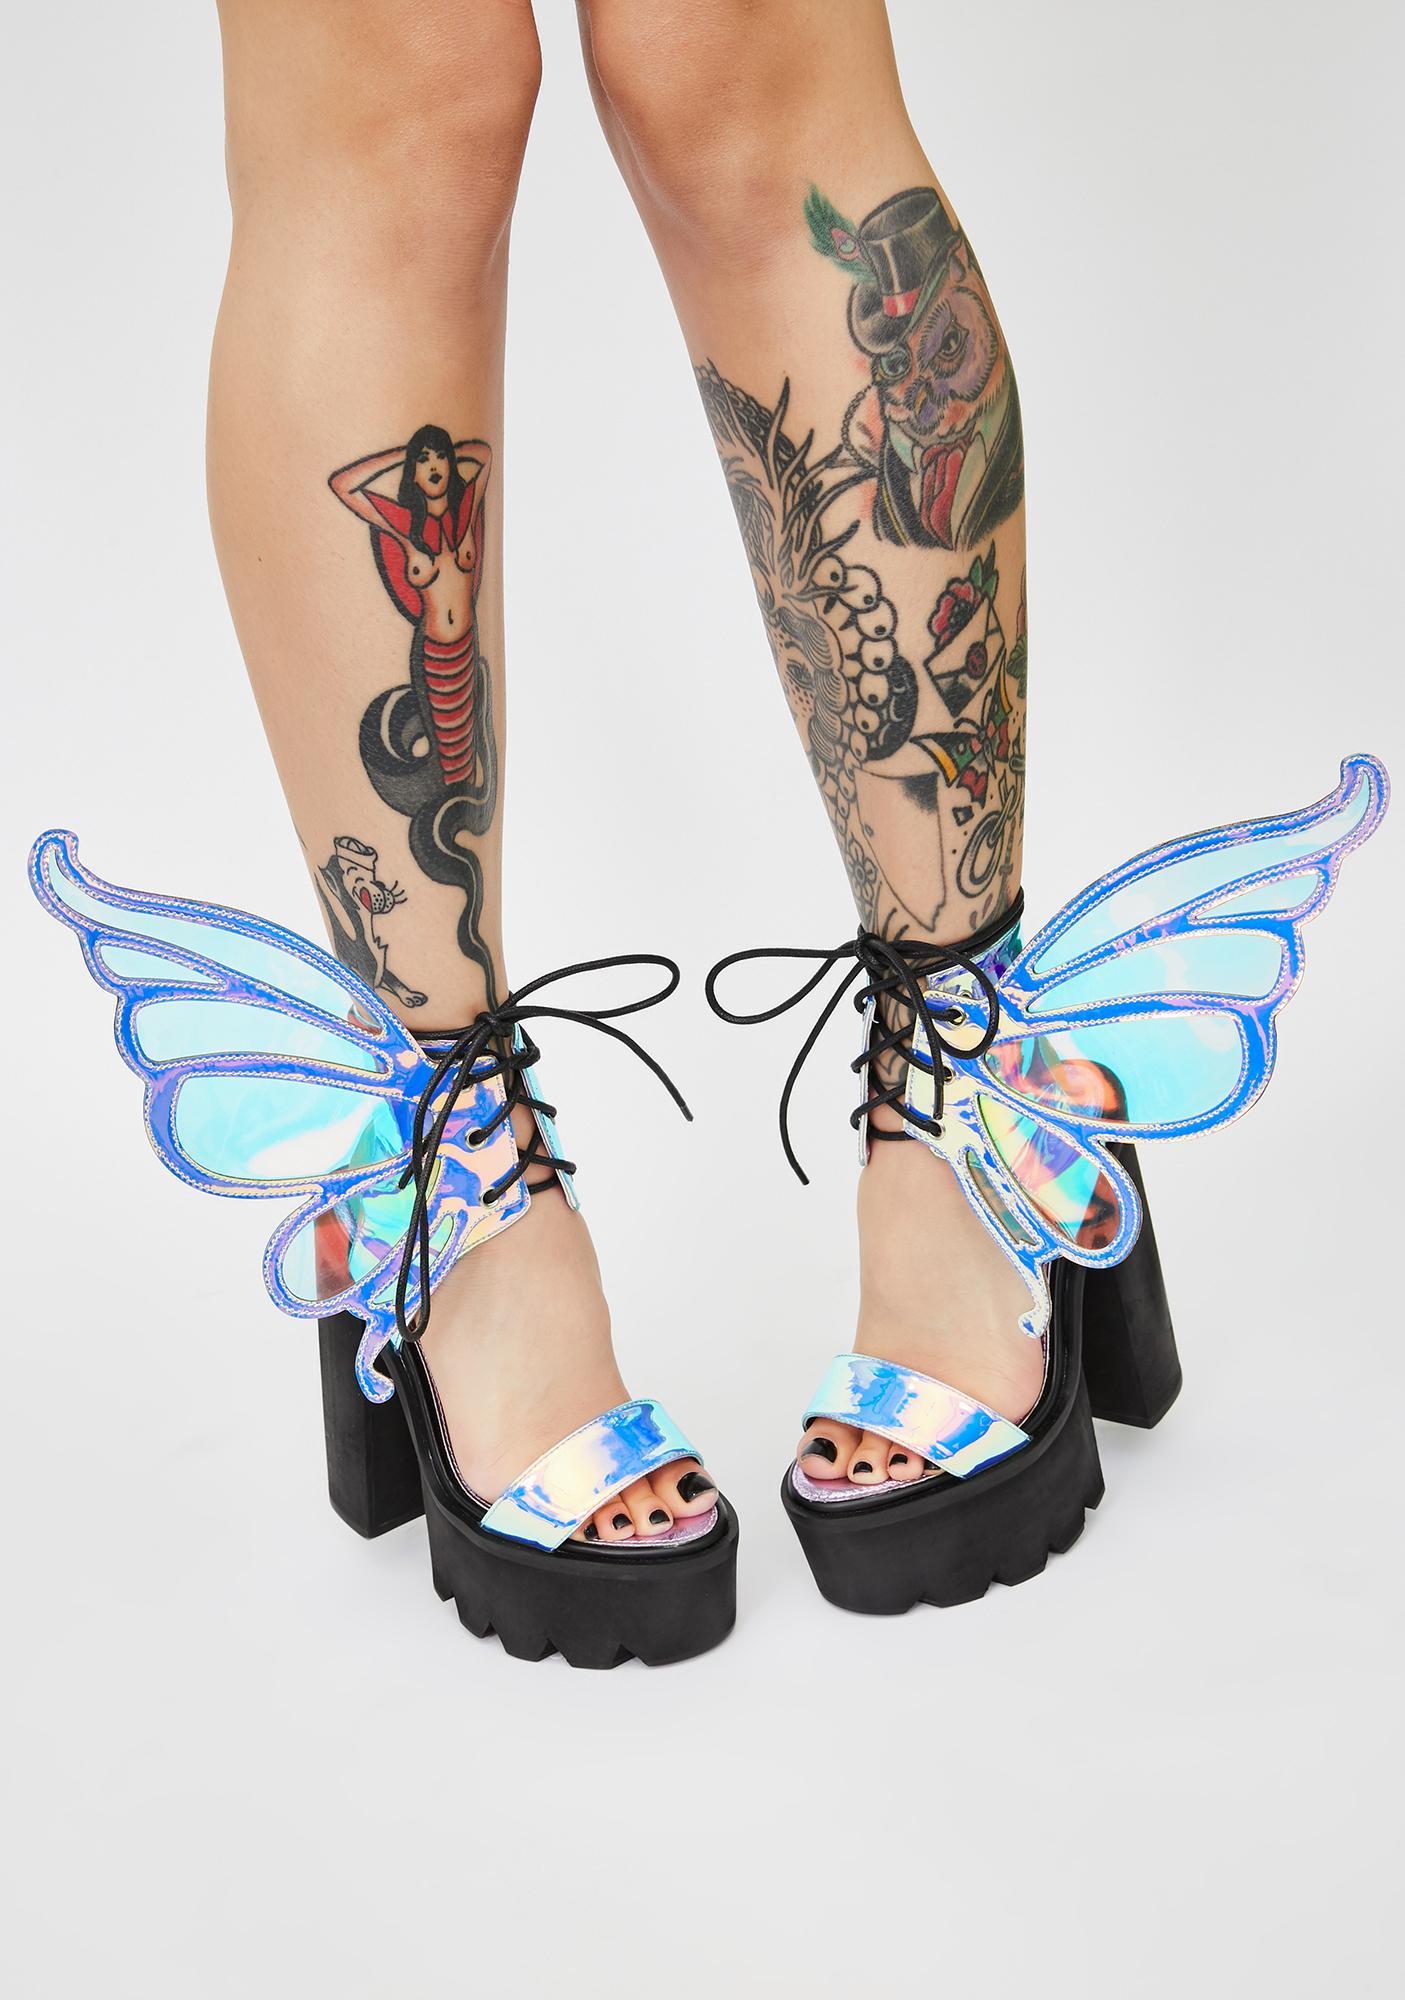 HOROSCOPEZ Pixie Princess Winged Heels